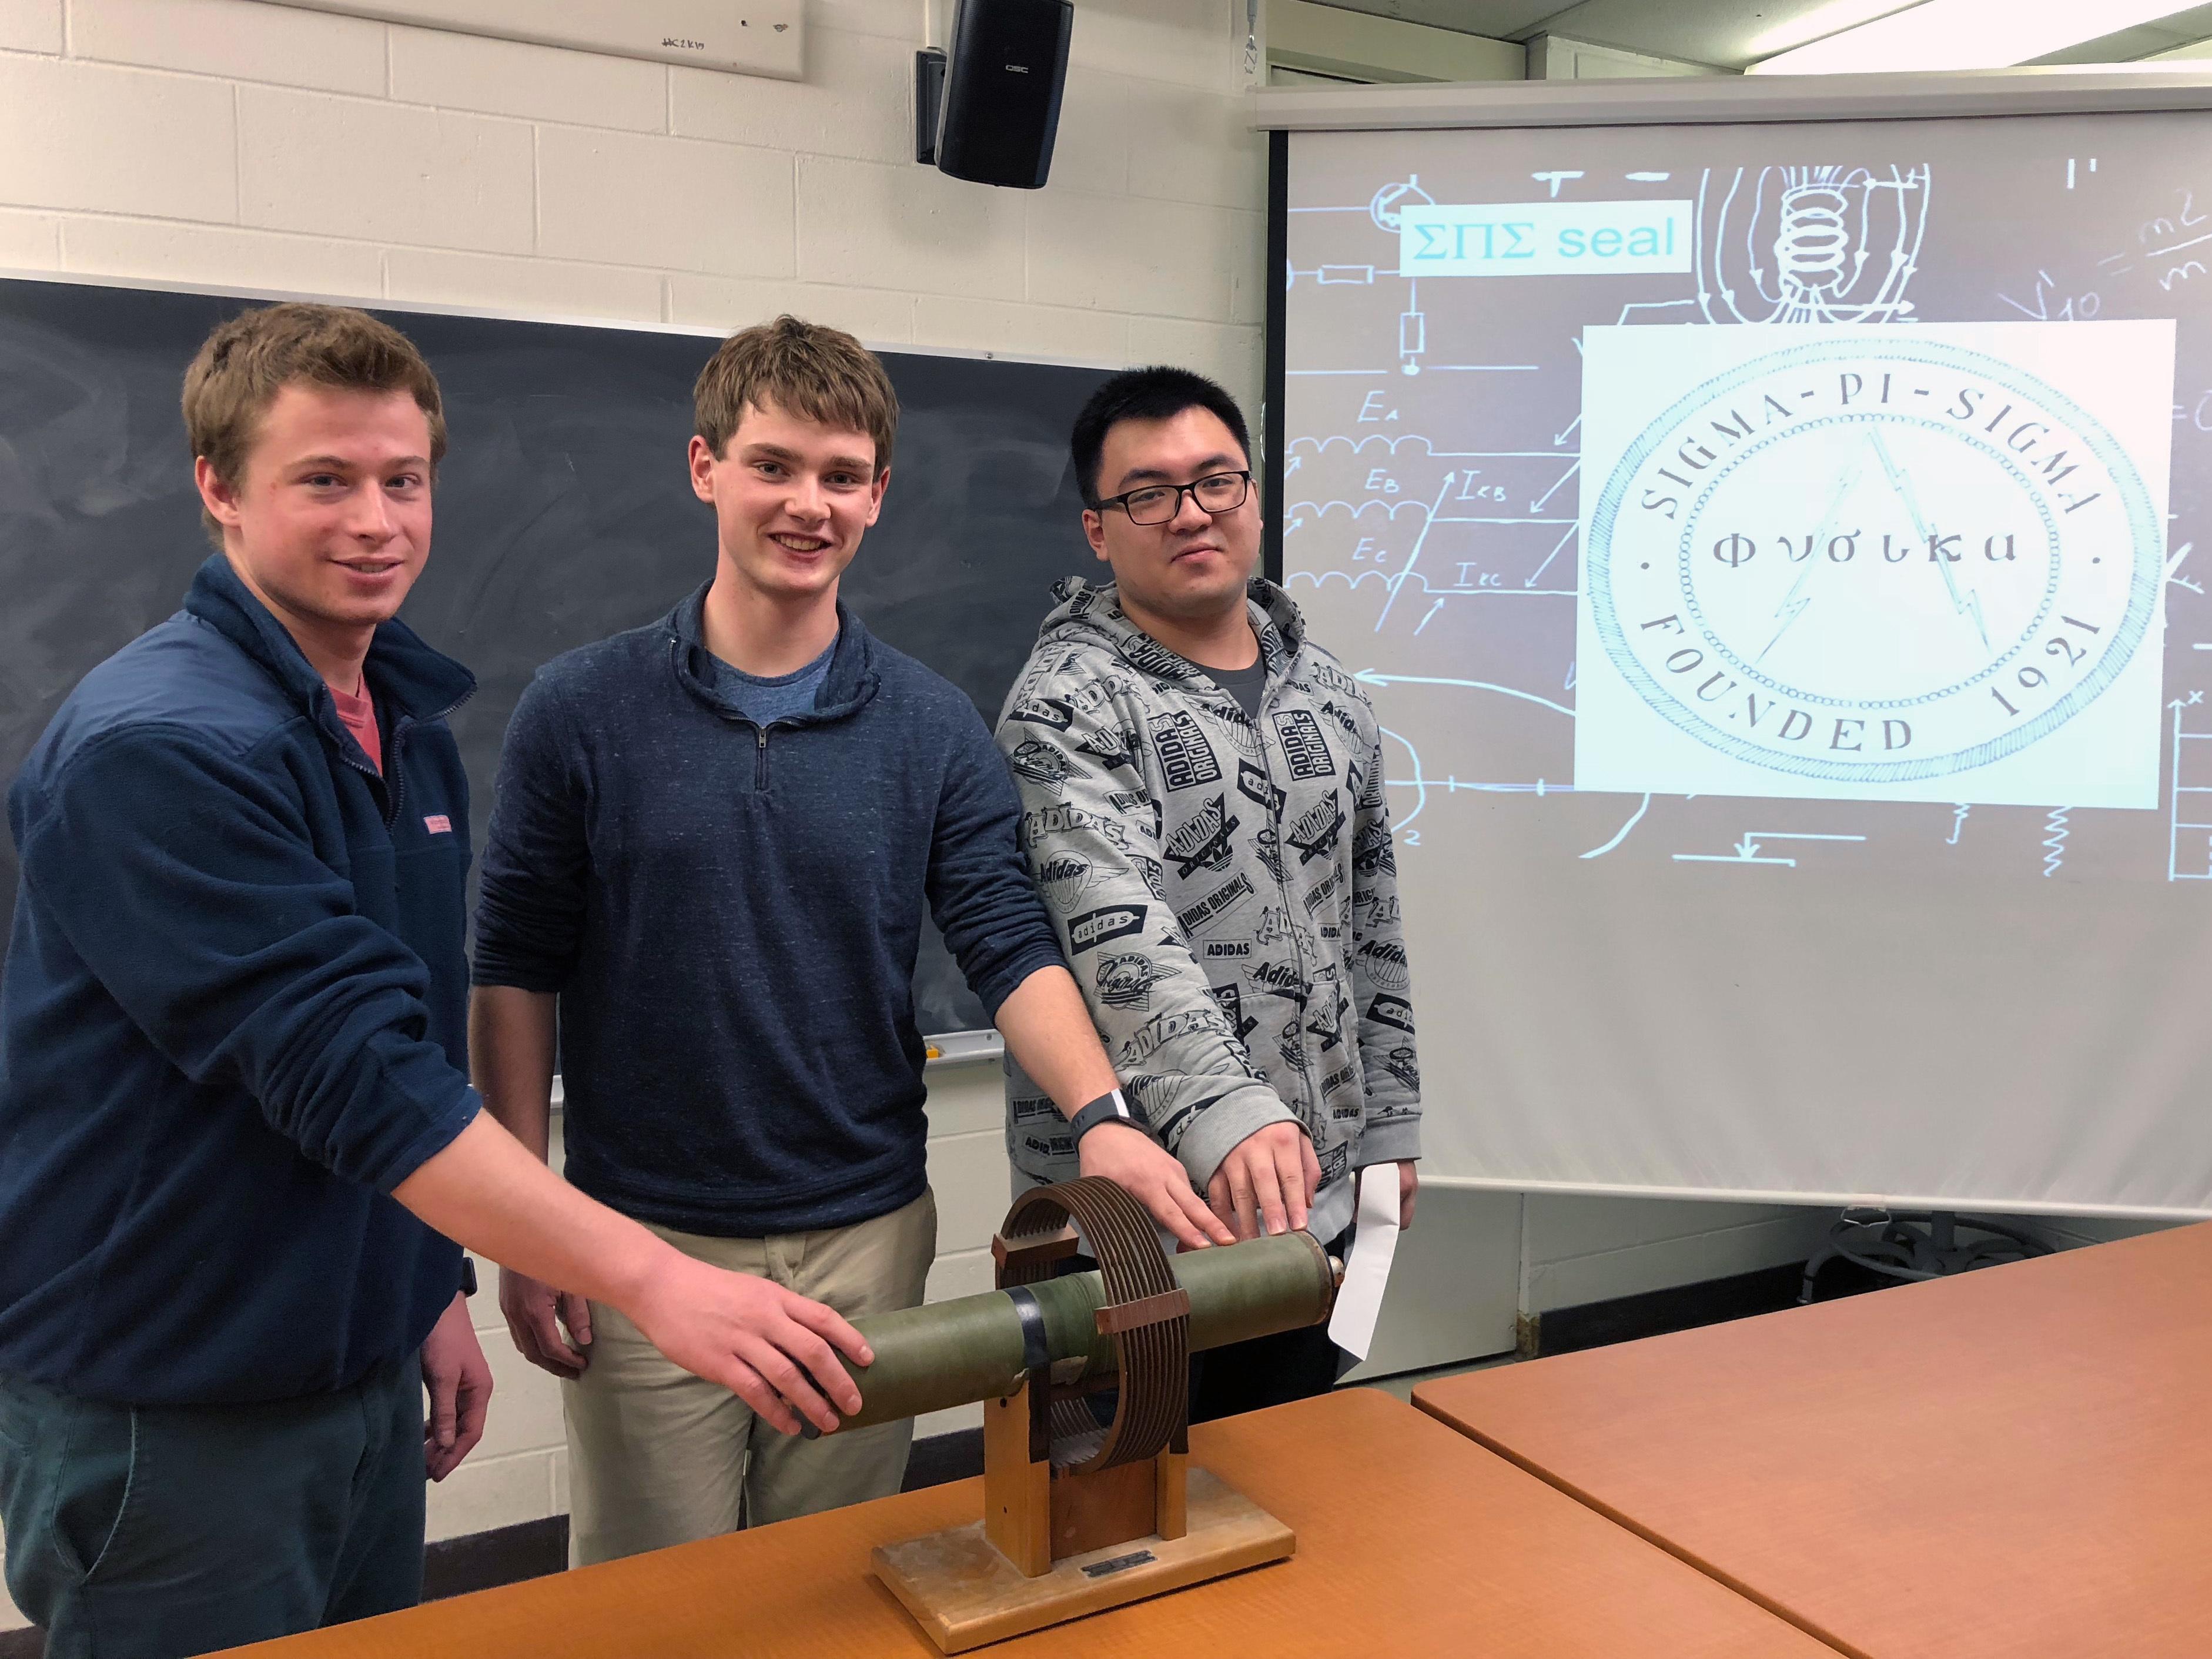 2017 2018 spring sigma pi sgma physics honorary society